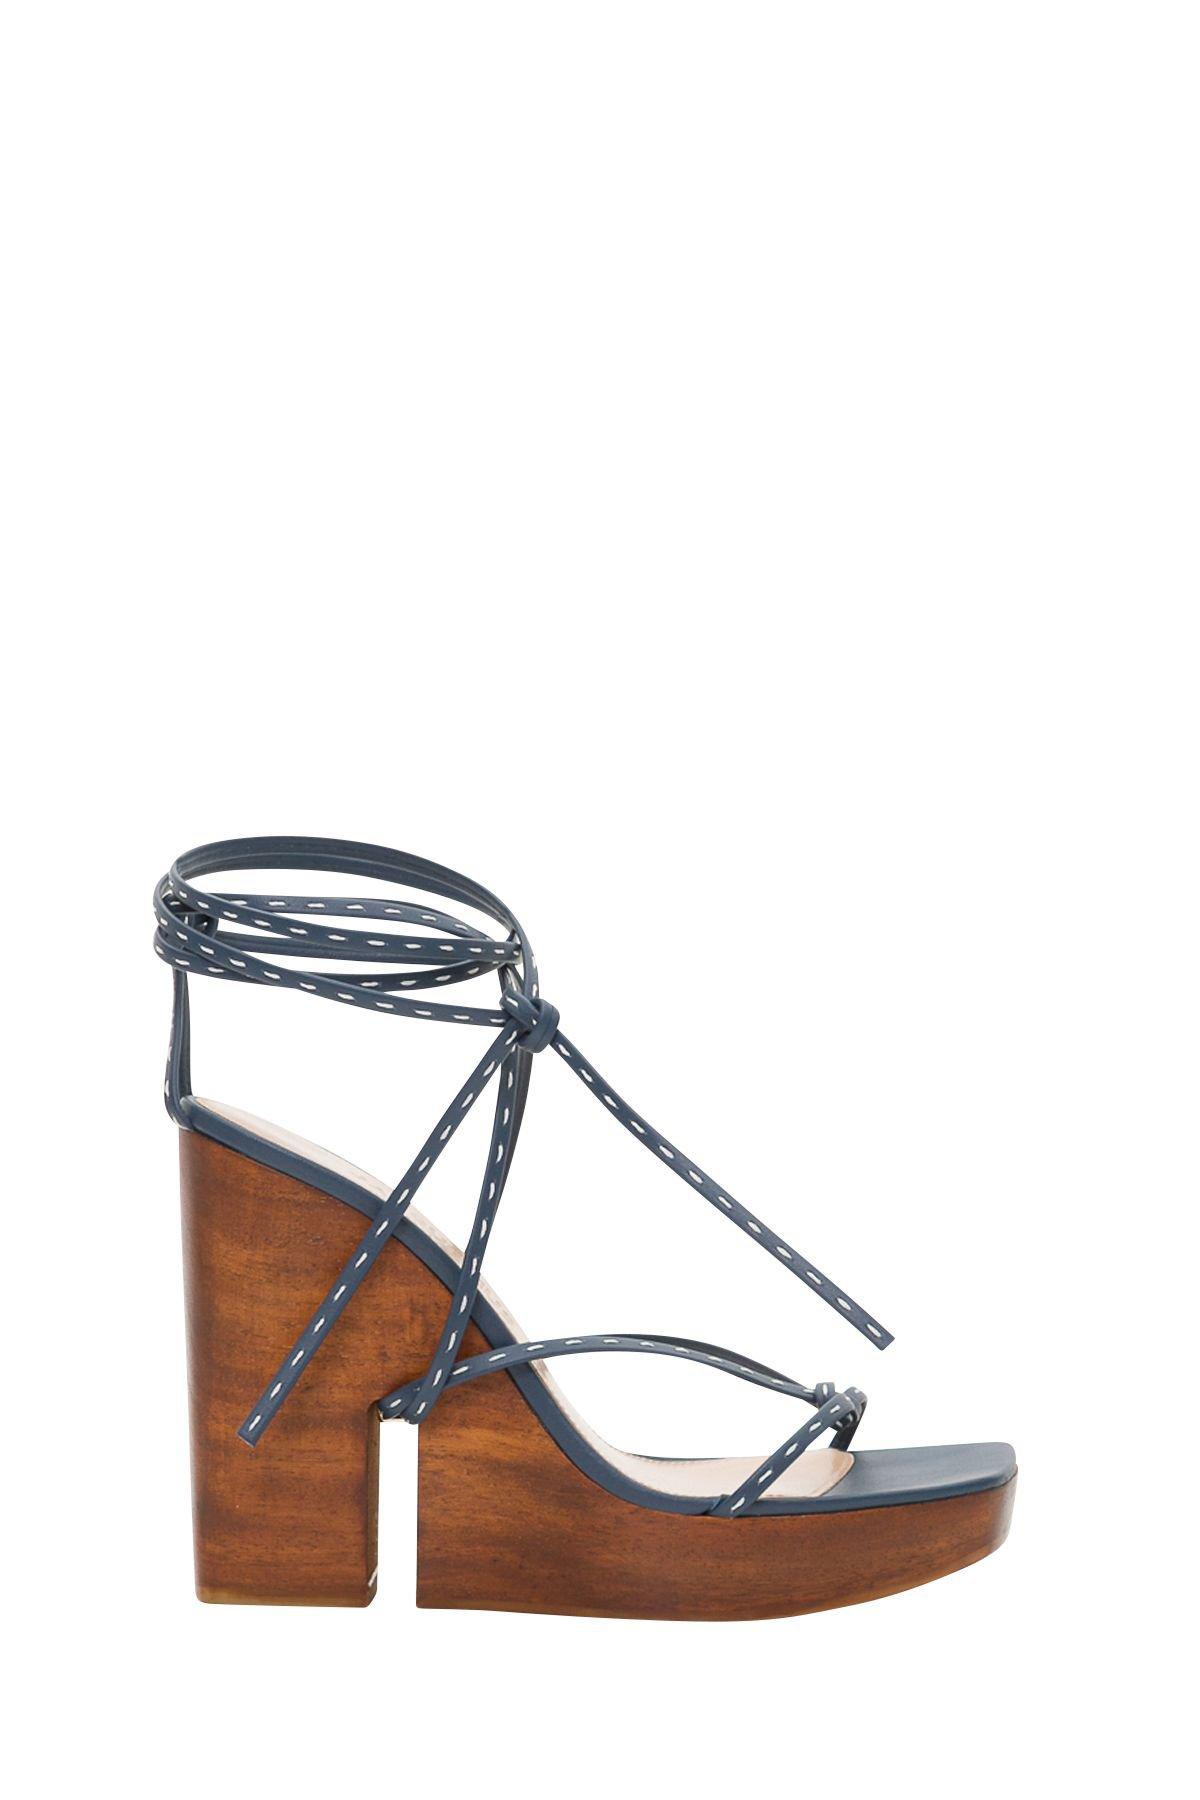 Jacquemus Pilotis Sandals